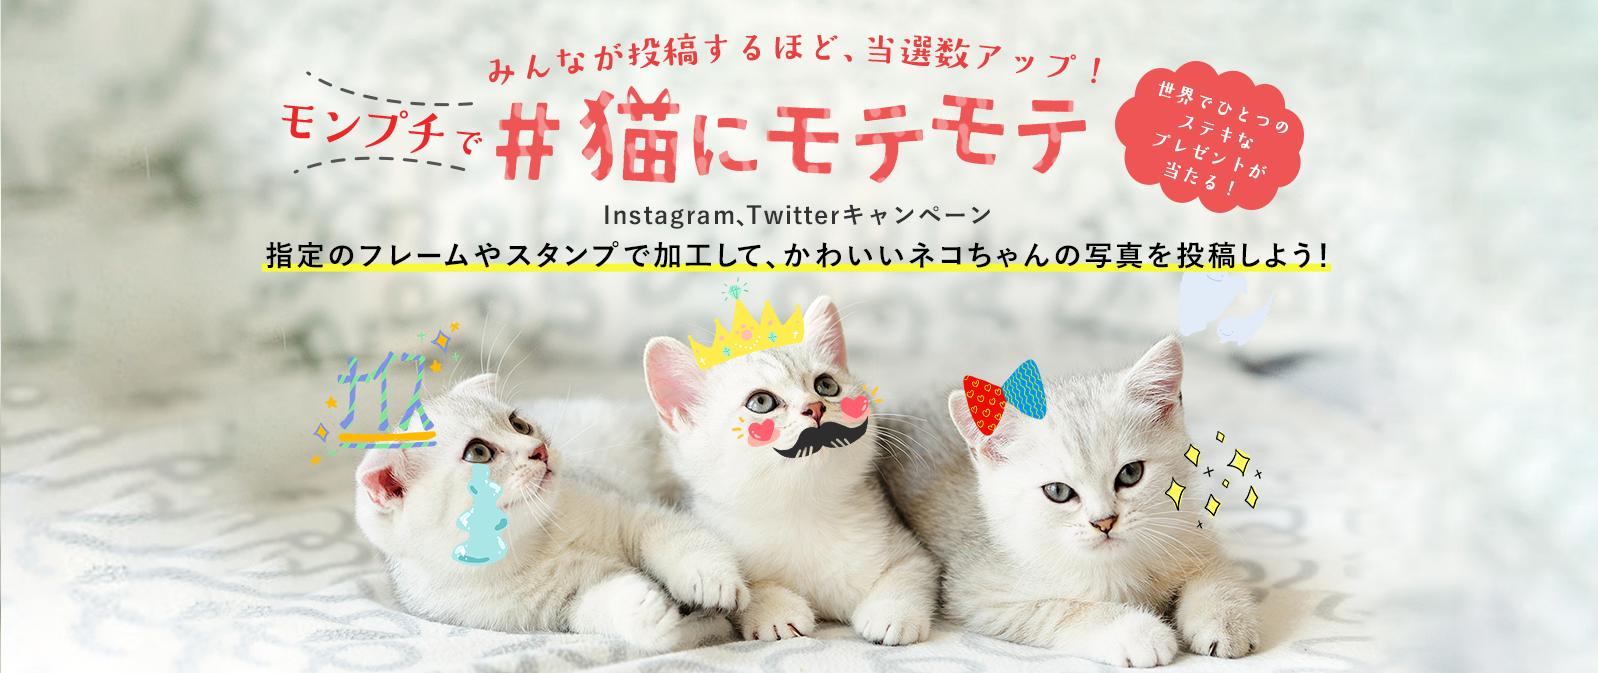 みんなが投稿するほど 当選数アップ モンプチで 猫にモテモテ Instagram Twitterキャンペーン 指定のフレームやスタンプで加工して かわいいネコちゃんの写真を投稿しよう Lp デザイン Twitter バナー ペット